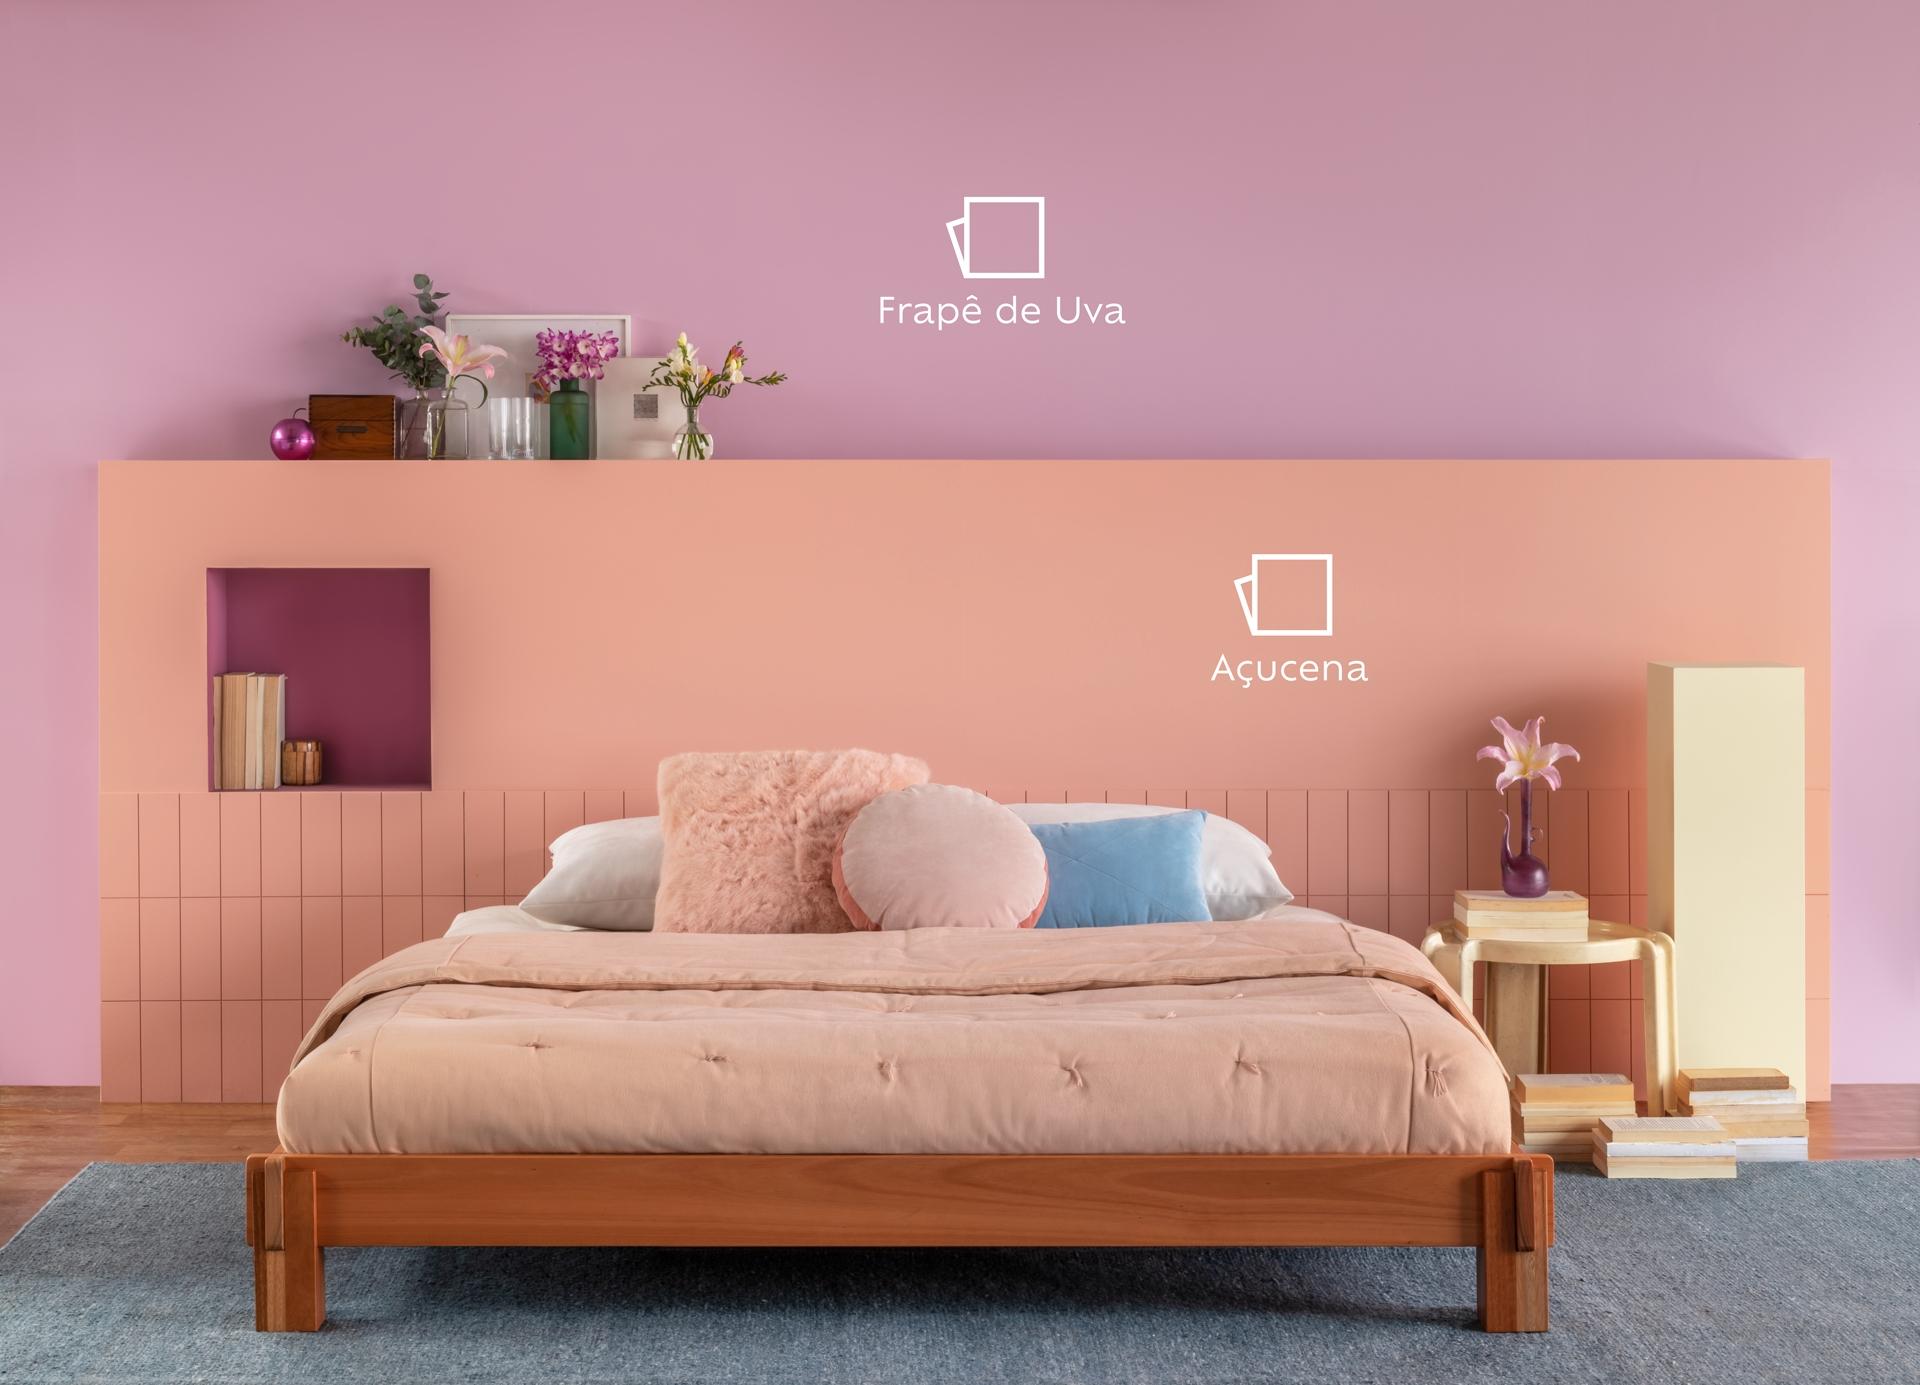 Foto de um ambiente com uma cama em primeiro plano. Na cama podemos ver uma manta na cor rosa e algumas almofadas rosa e azul. Ao fundo, temos um quadrado pintado na parede na cor Açucena e acima, Frapê de Uva, e os ícones de cor. Ao redor da cama e em cima da pintura da cor Açucena, temos mobiliários de decoração como vasos de flores.